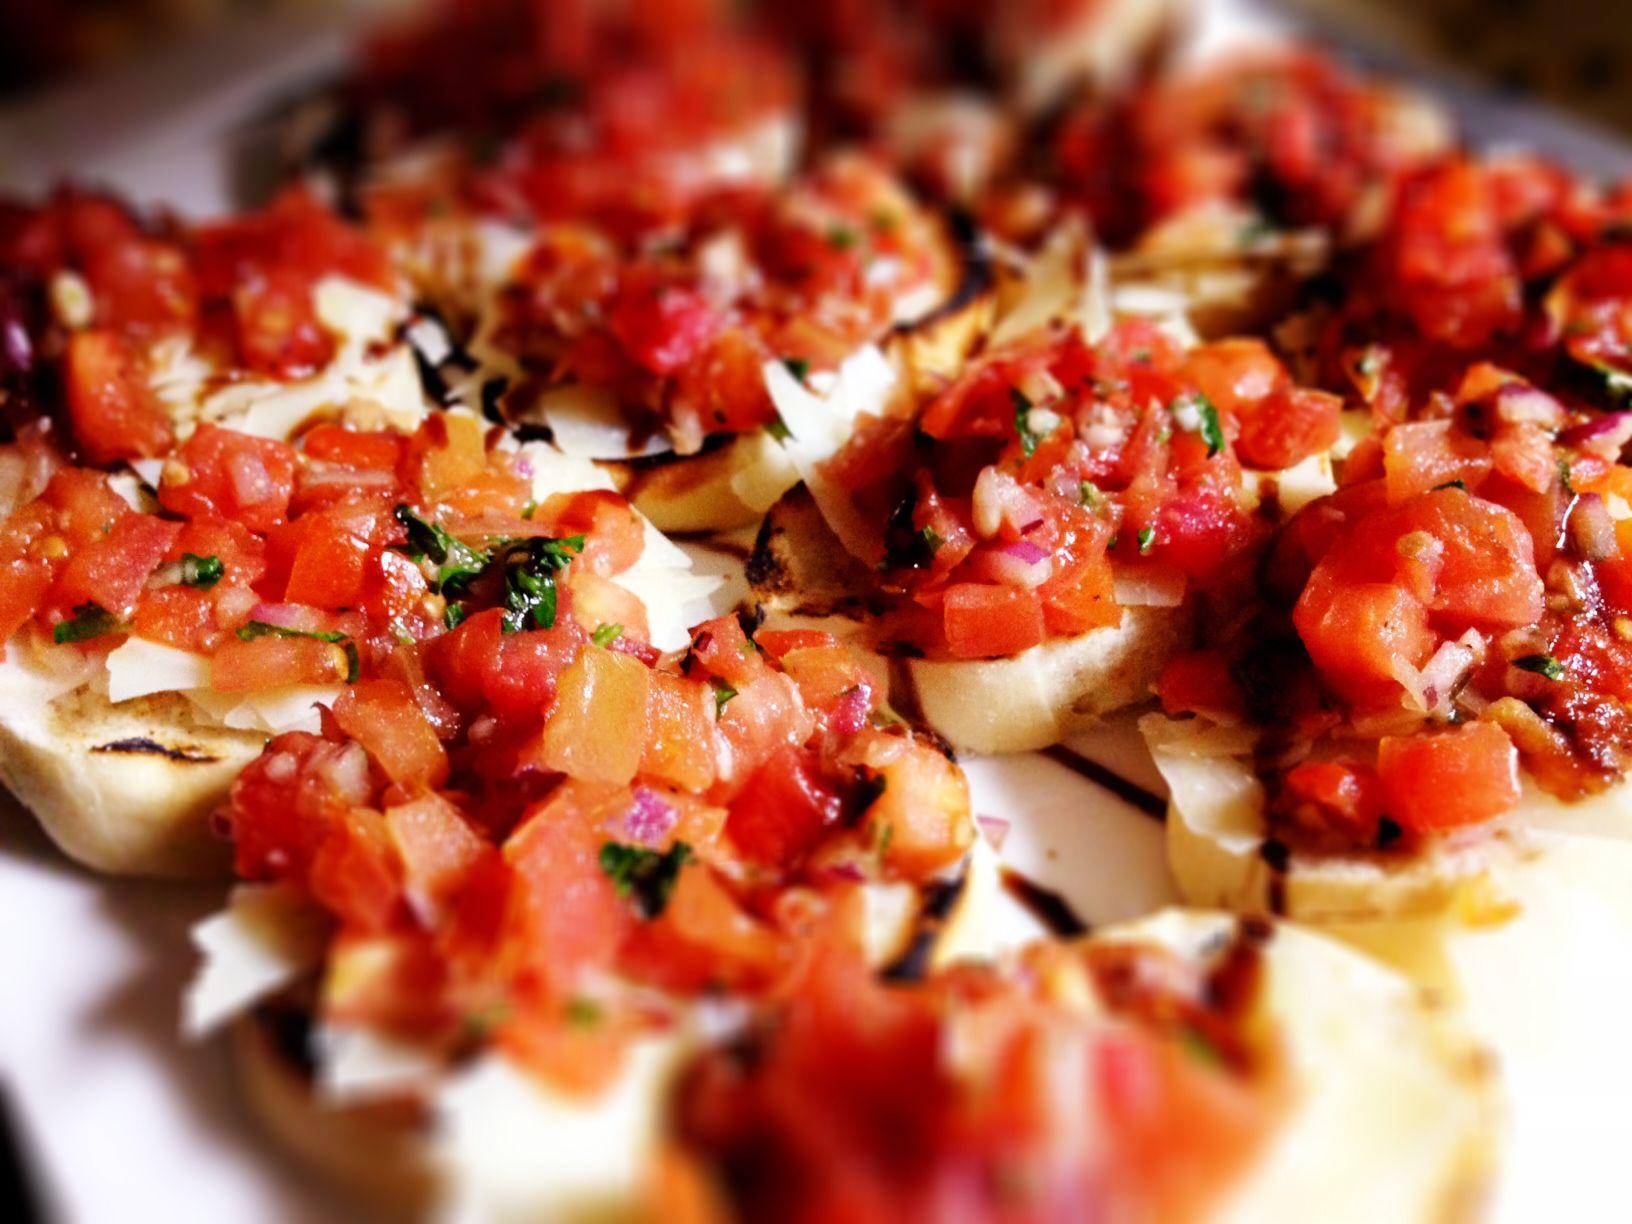 Zesty bruschetta by Chef Jase. detroitfoodie